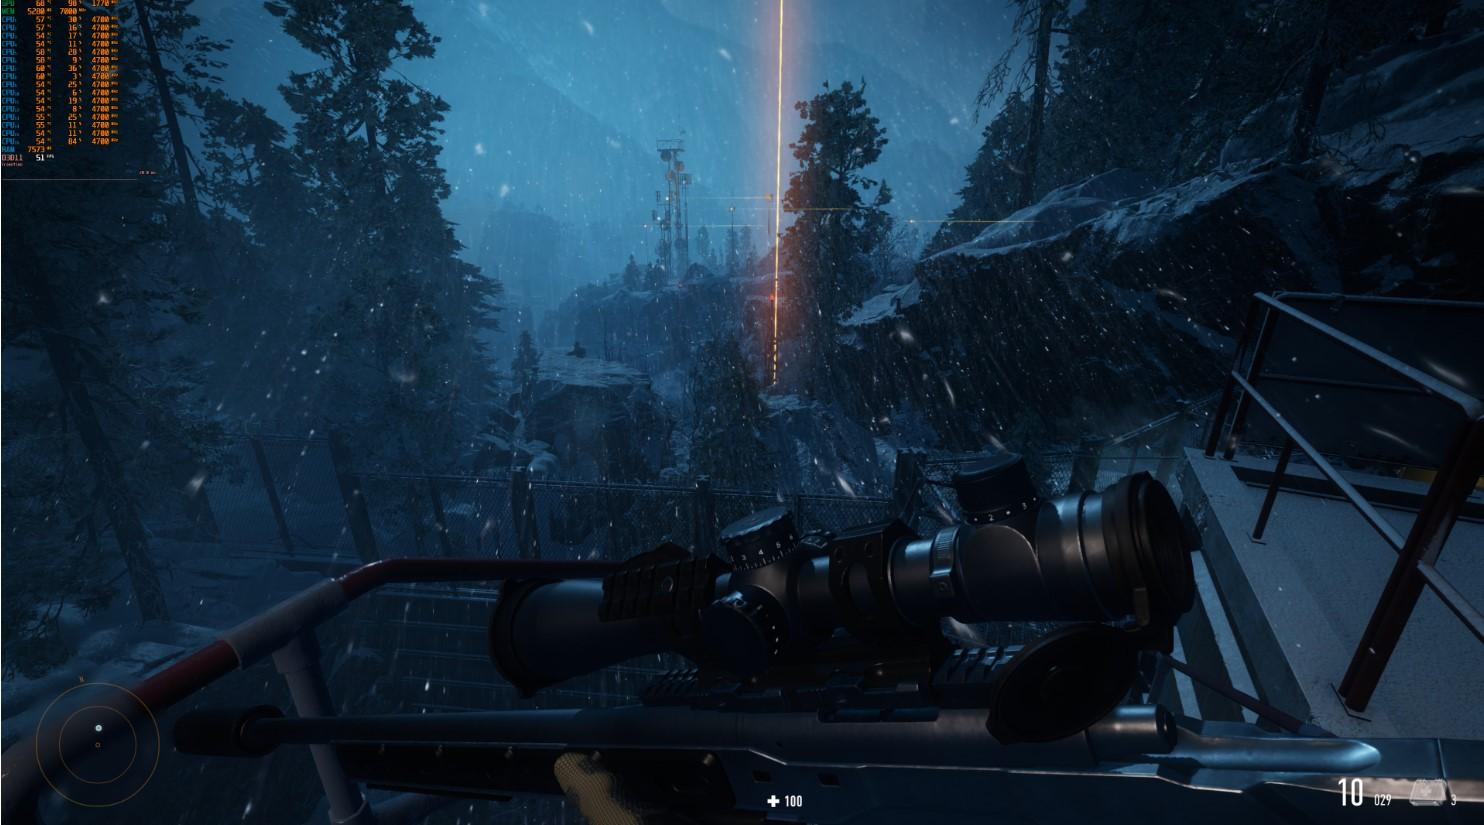 2080ti玩《狙击手:幽灵战士契约》1800p超高稳60